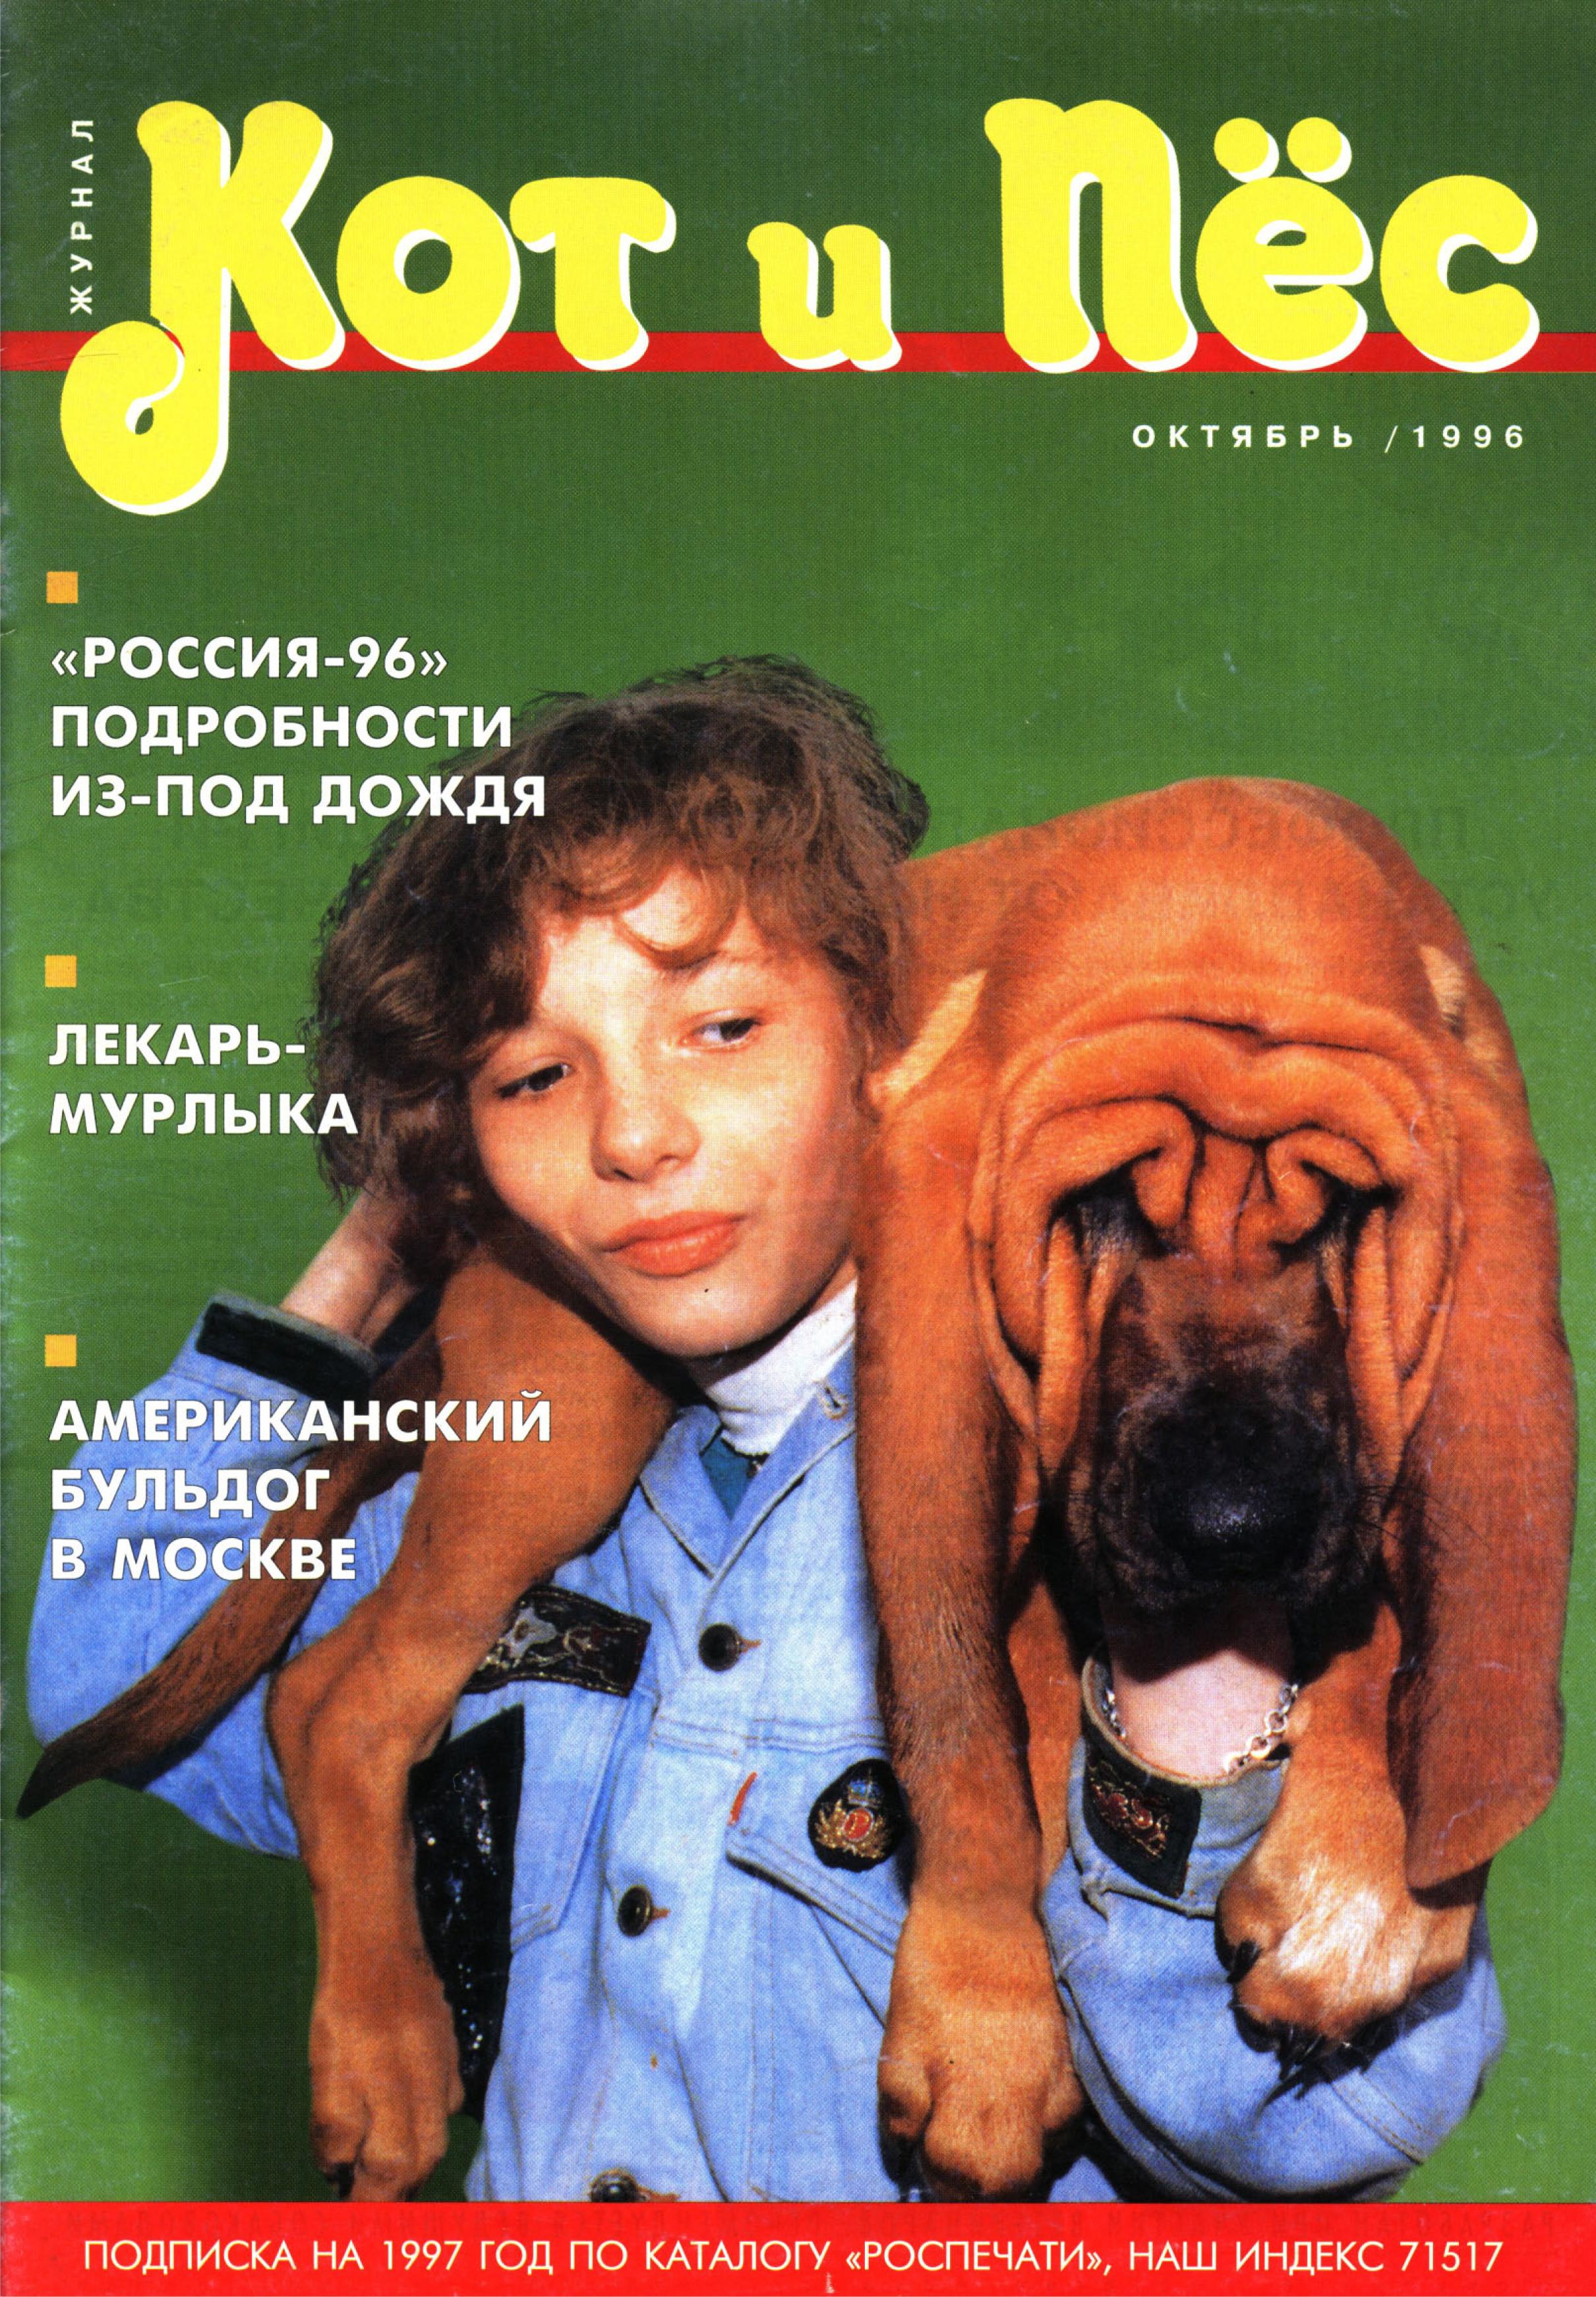 Фото - Отсутствует Кот и Пёс №07/1996 товары для рыбалки